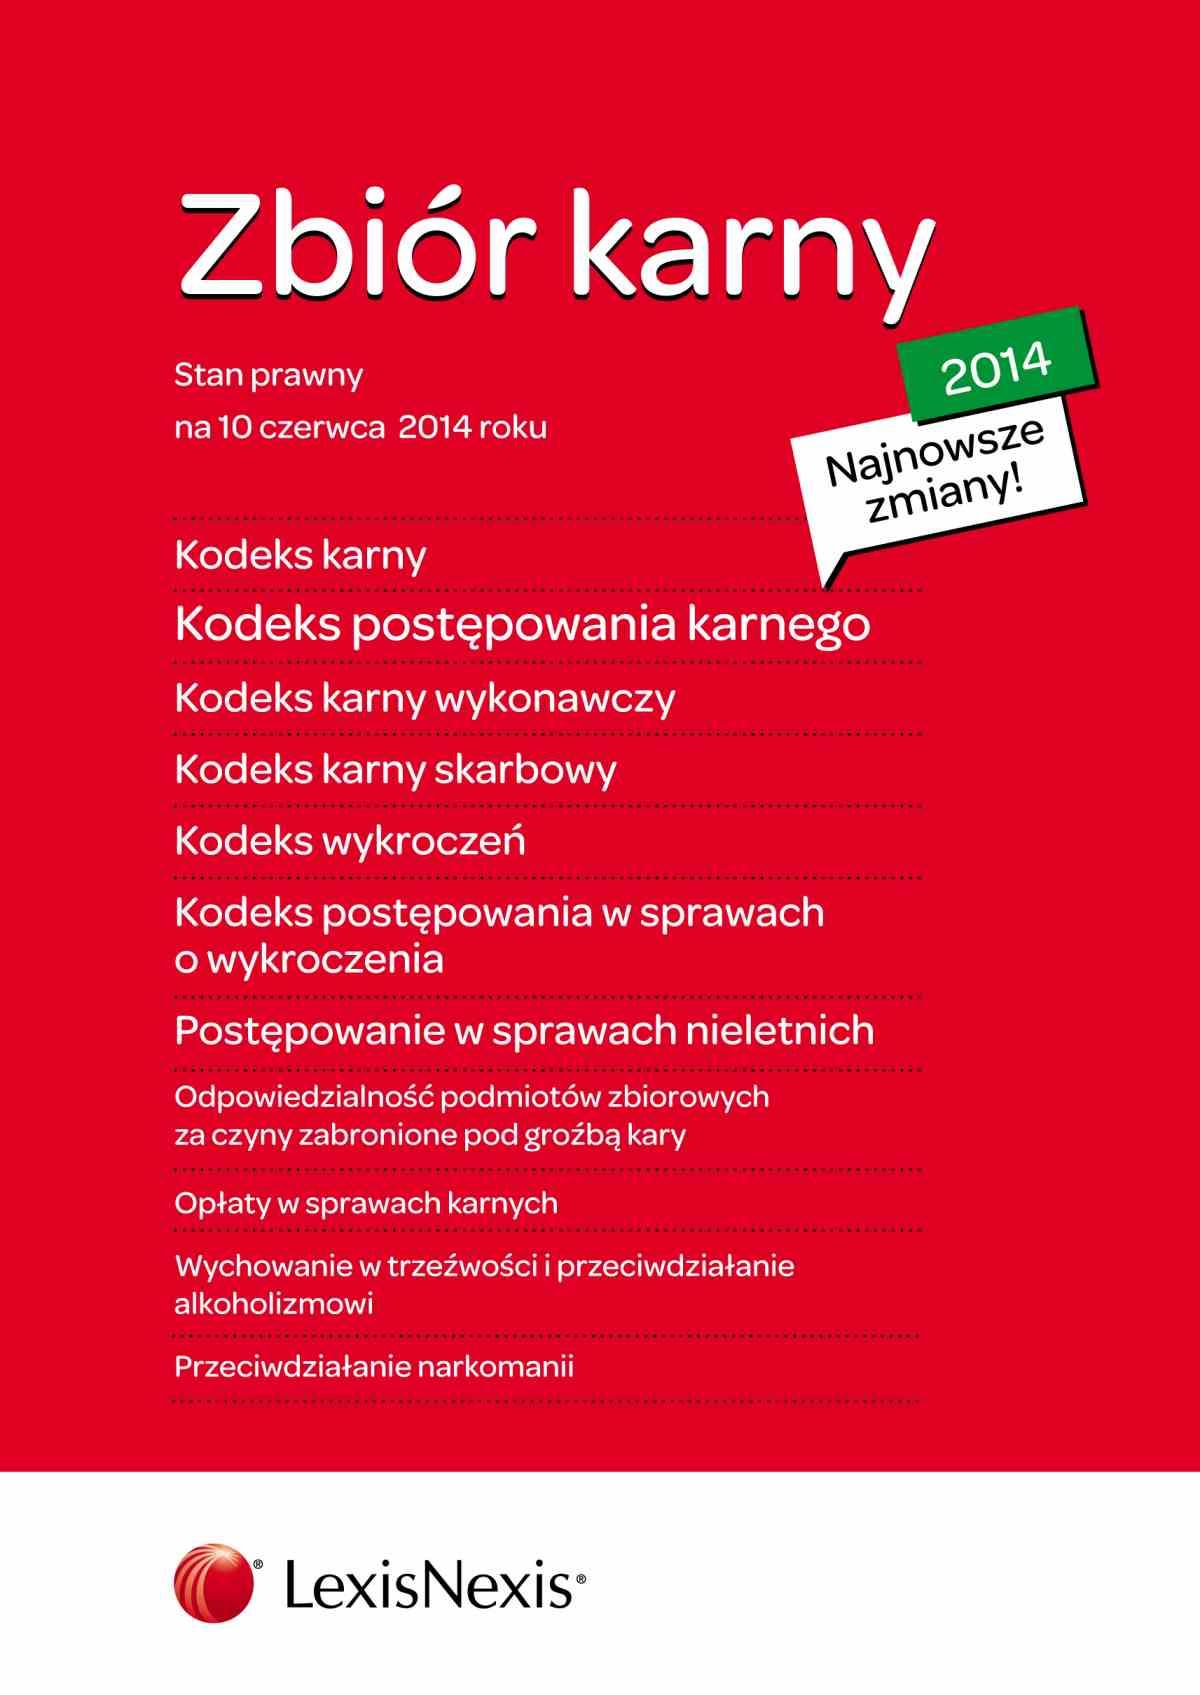 Zbiór karny 2014. Wydanie 3 - Ebook (Książka EPUB) do pobrania w formacie EPUB